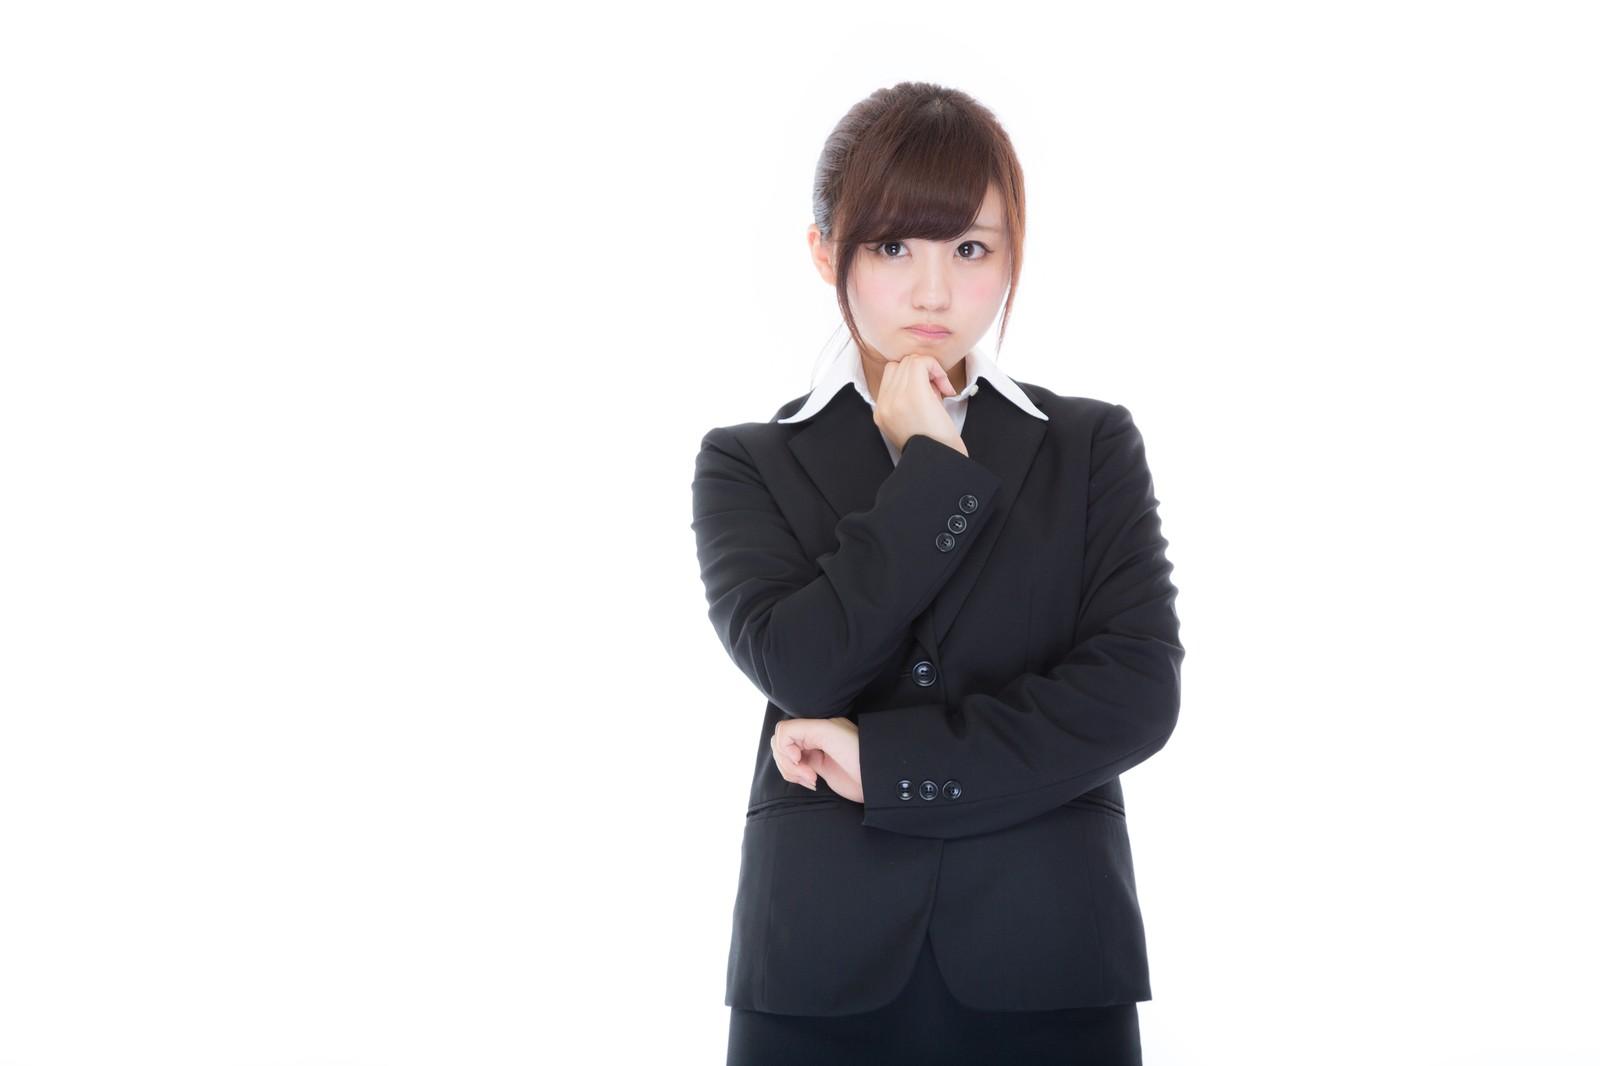 転職活動は在職中と退職後のどっちがいいの?